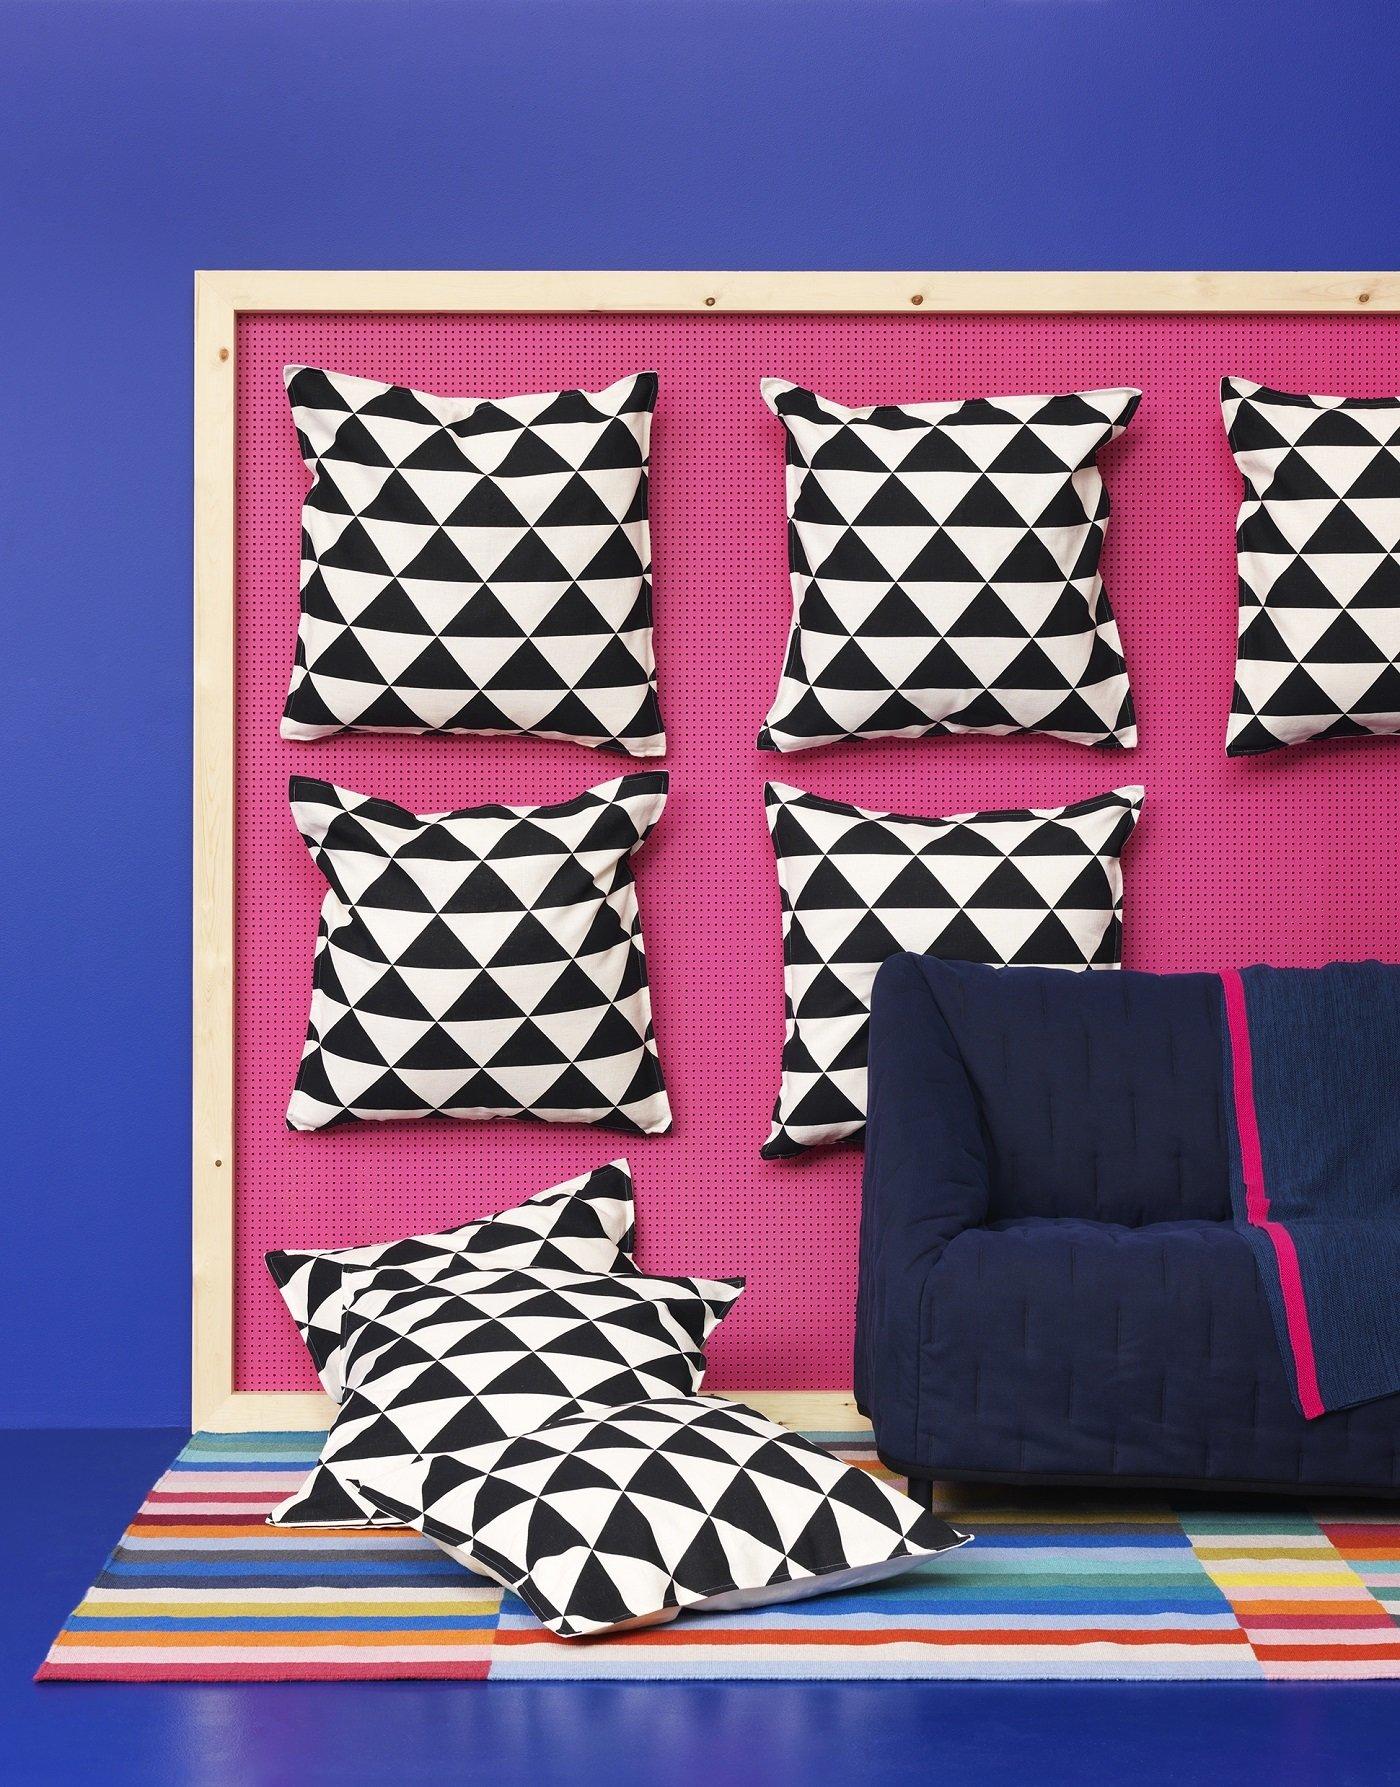 Luty w IKEA - nowe produkty  w stałej ofercie